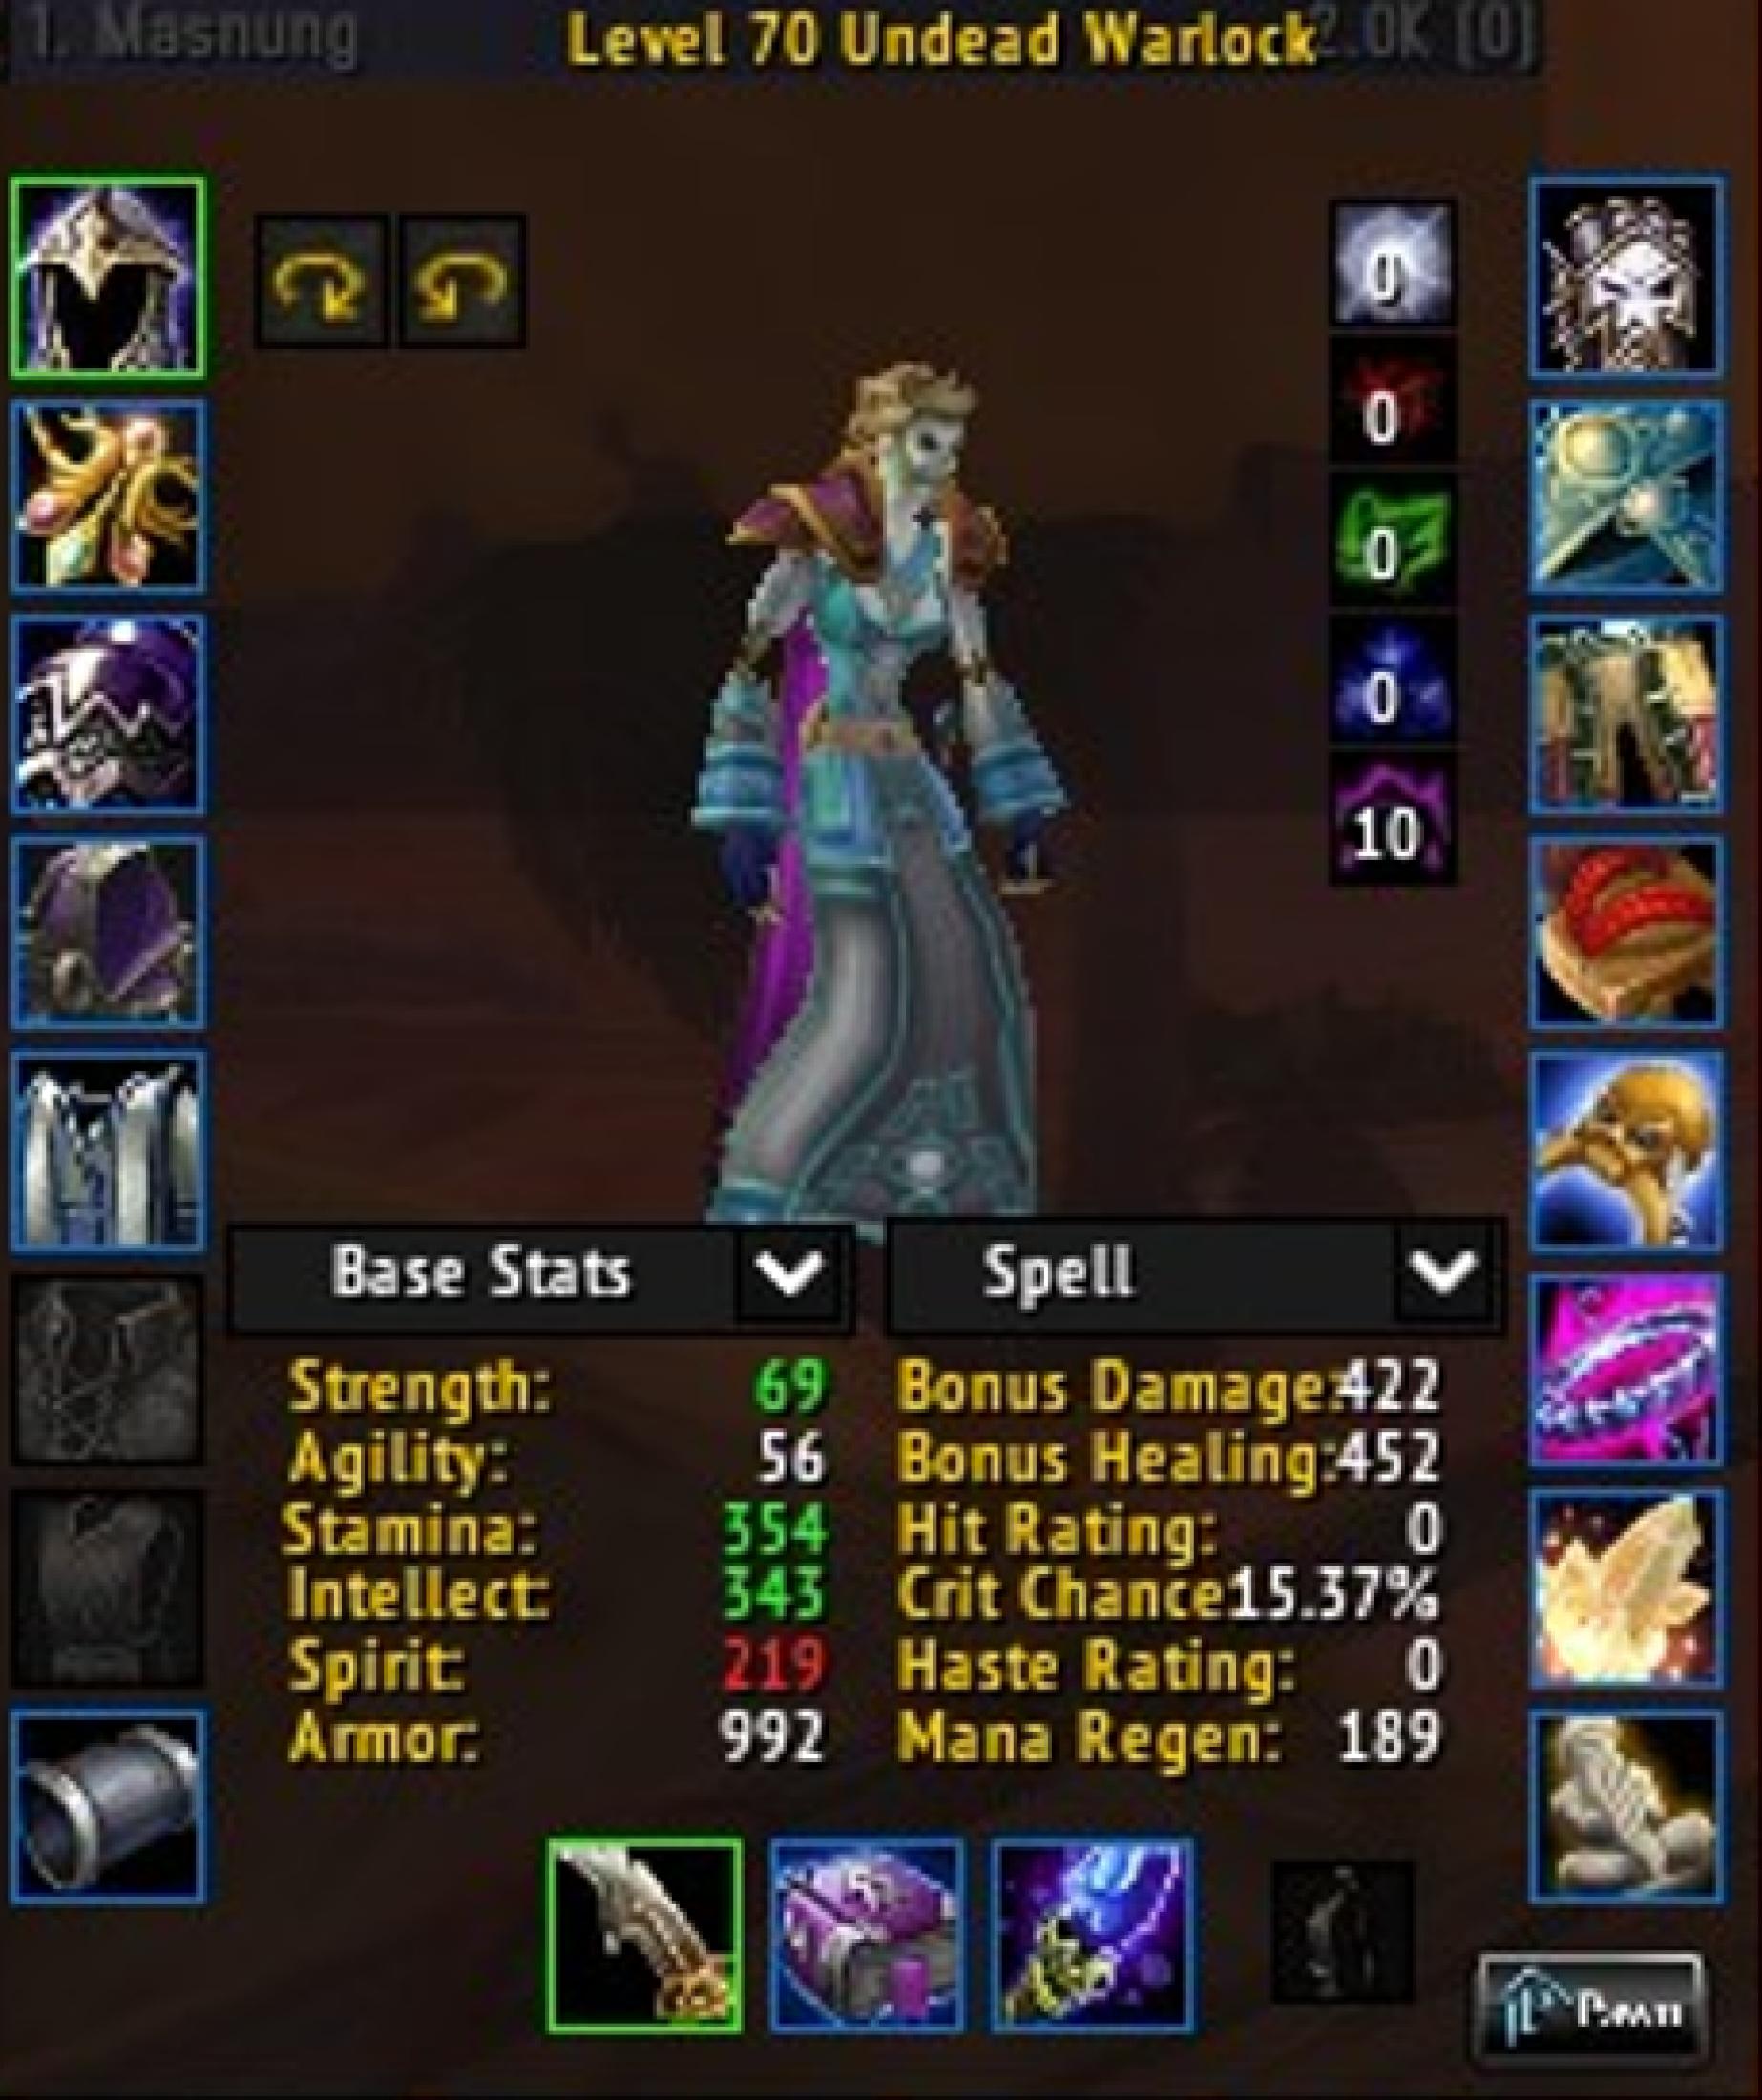 Undead female warlock arugal